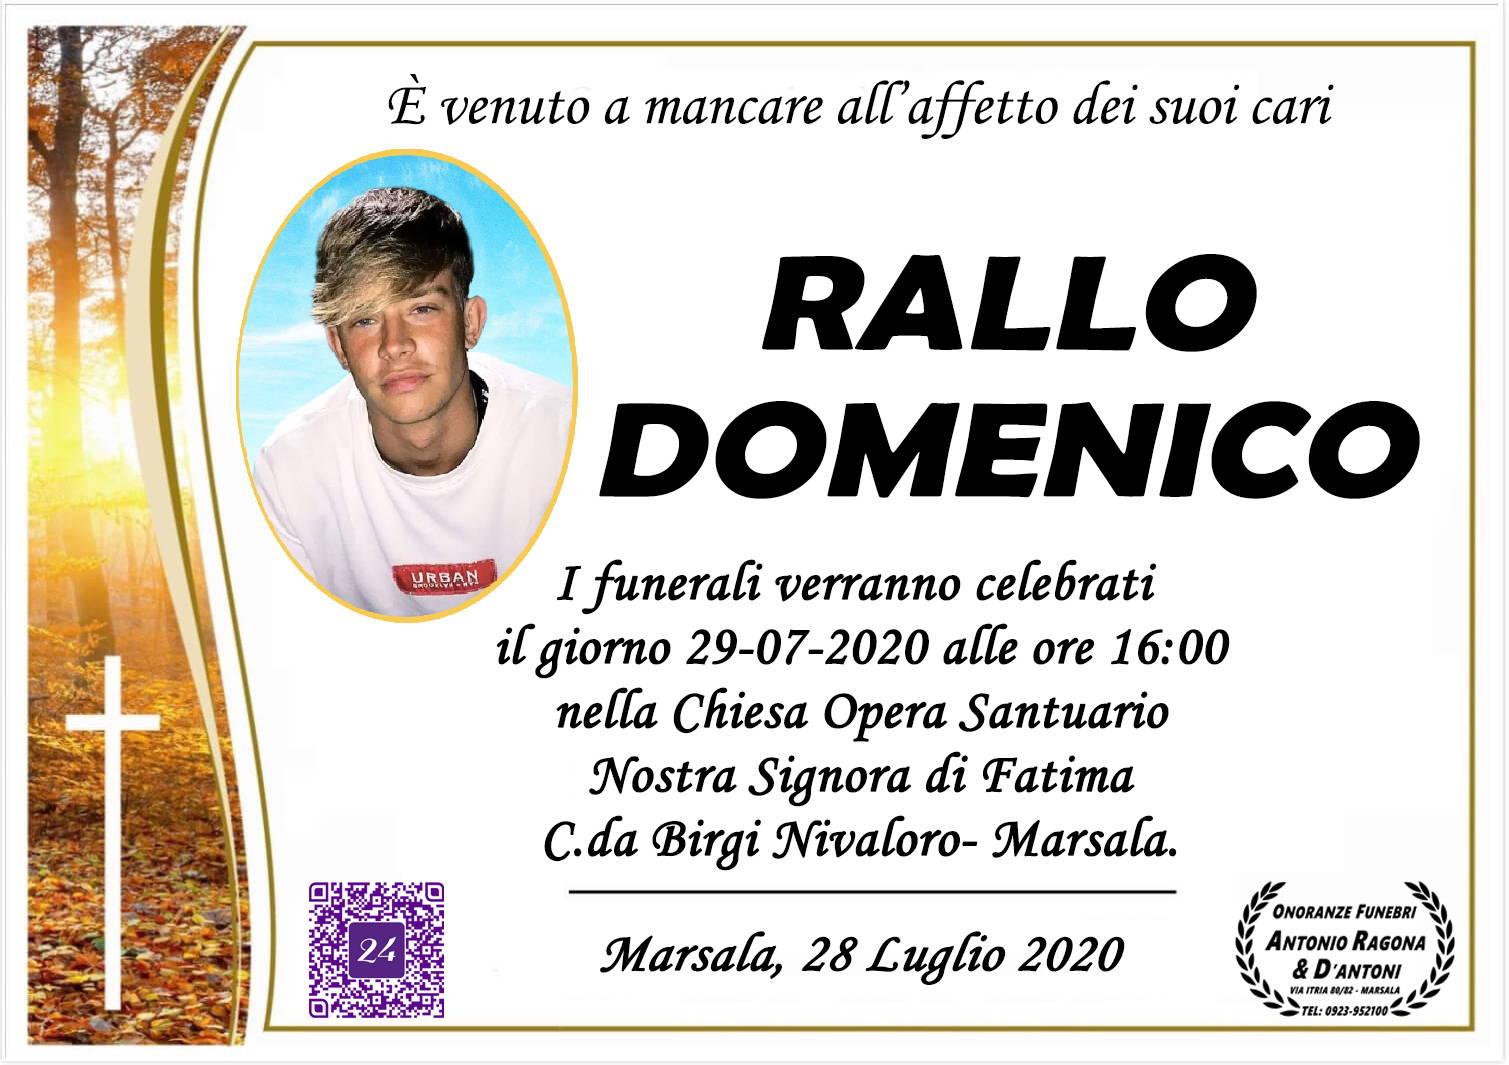 Domenico Rallo